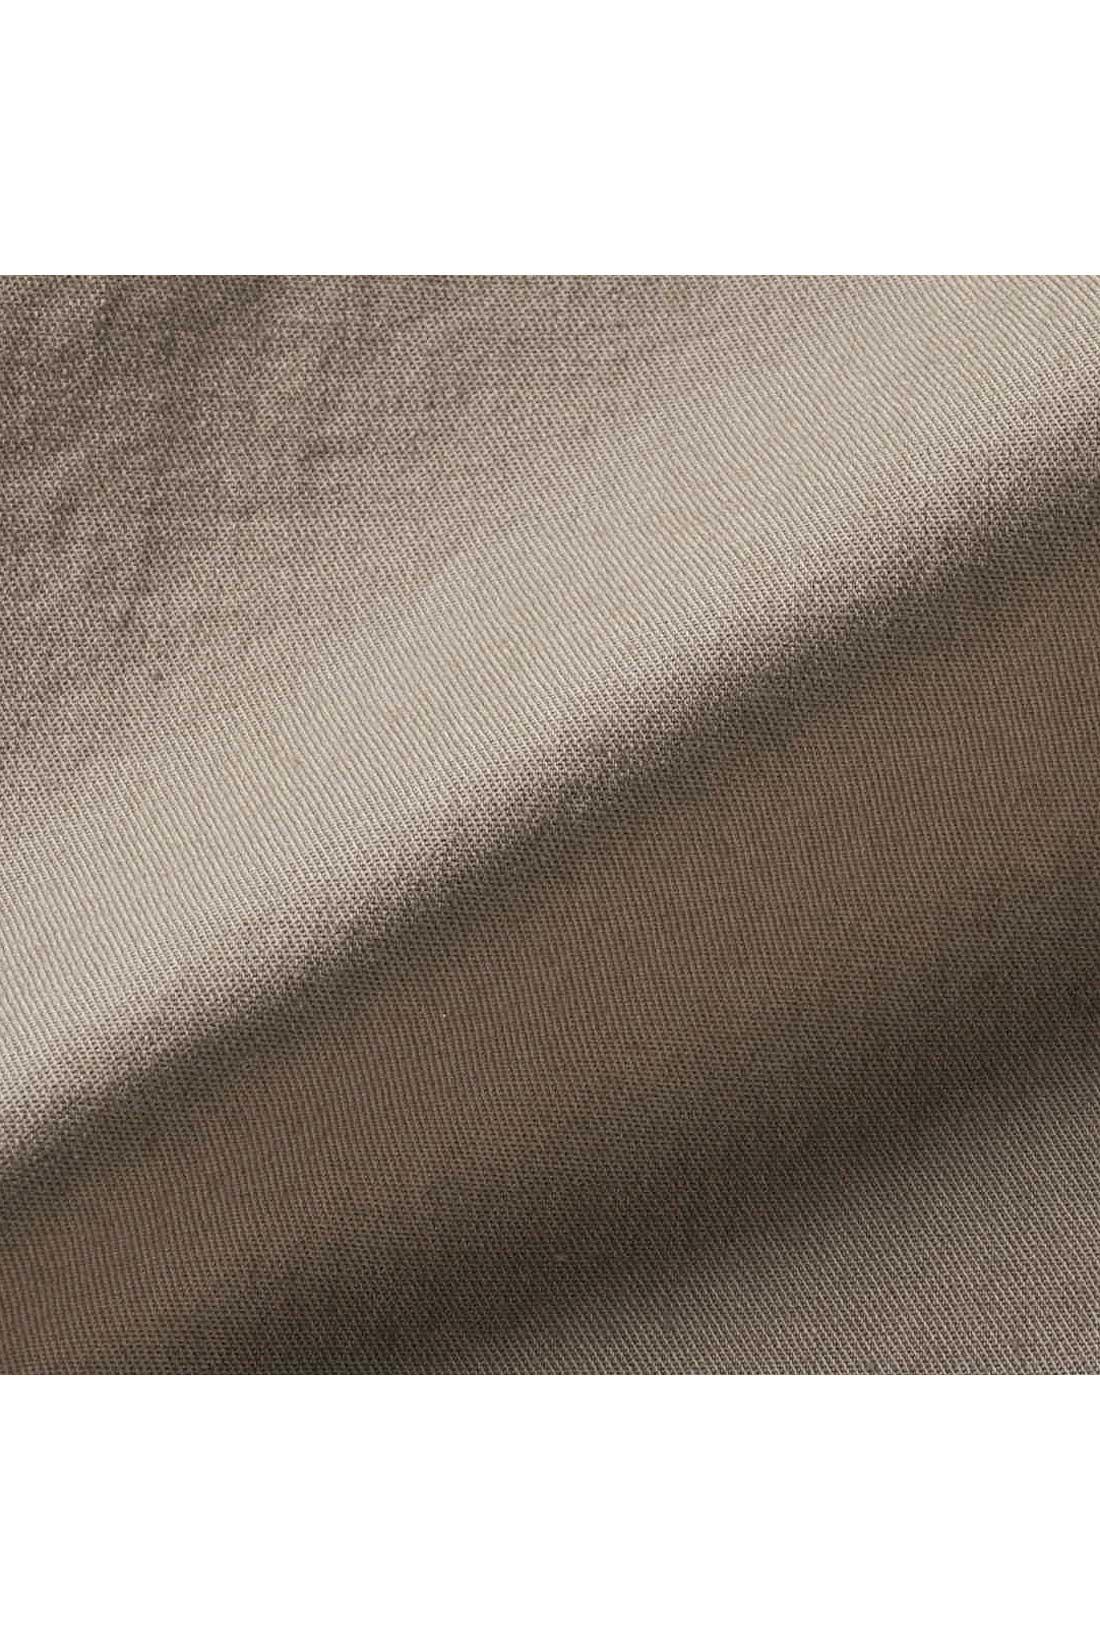 さらりとしたドライ感のあるストレッチ素材。